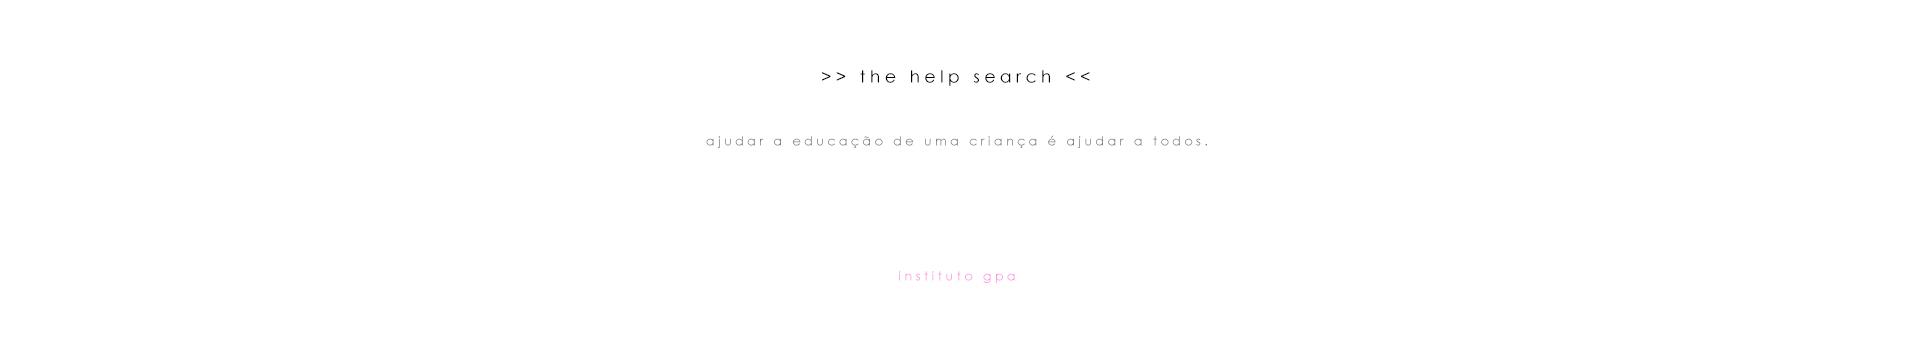 divisoria_helpsearch